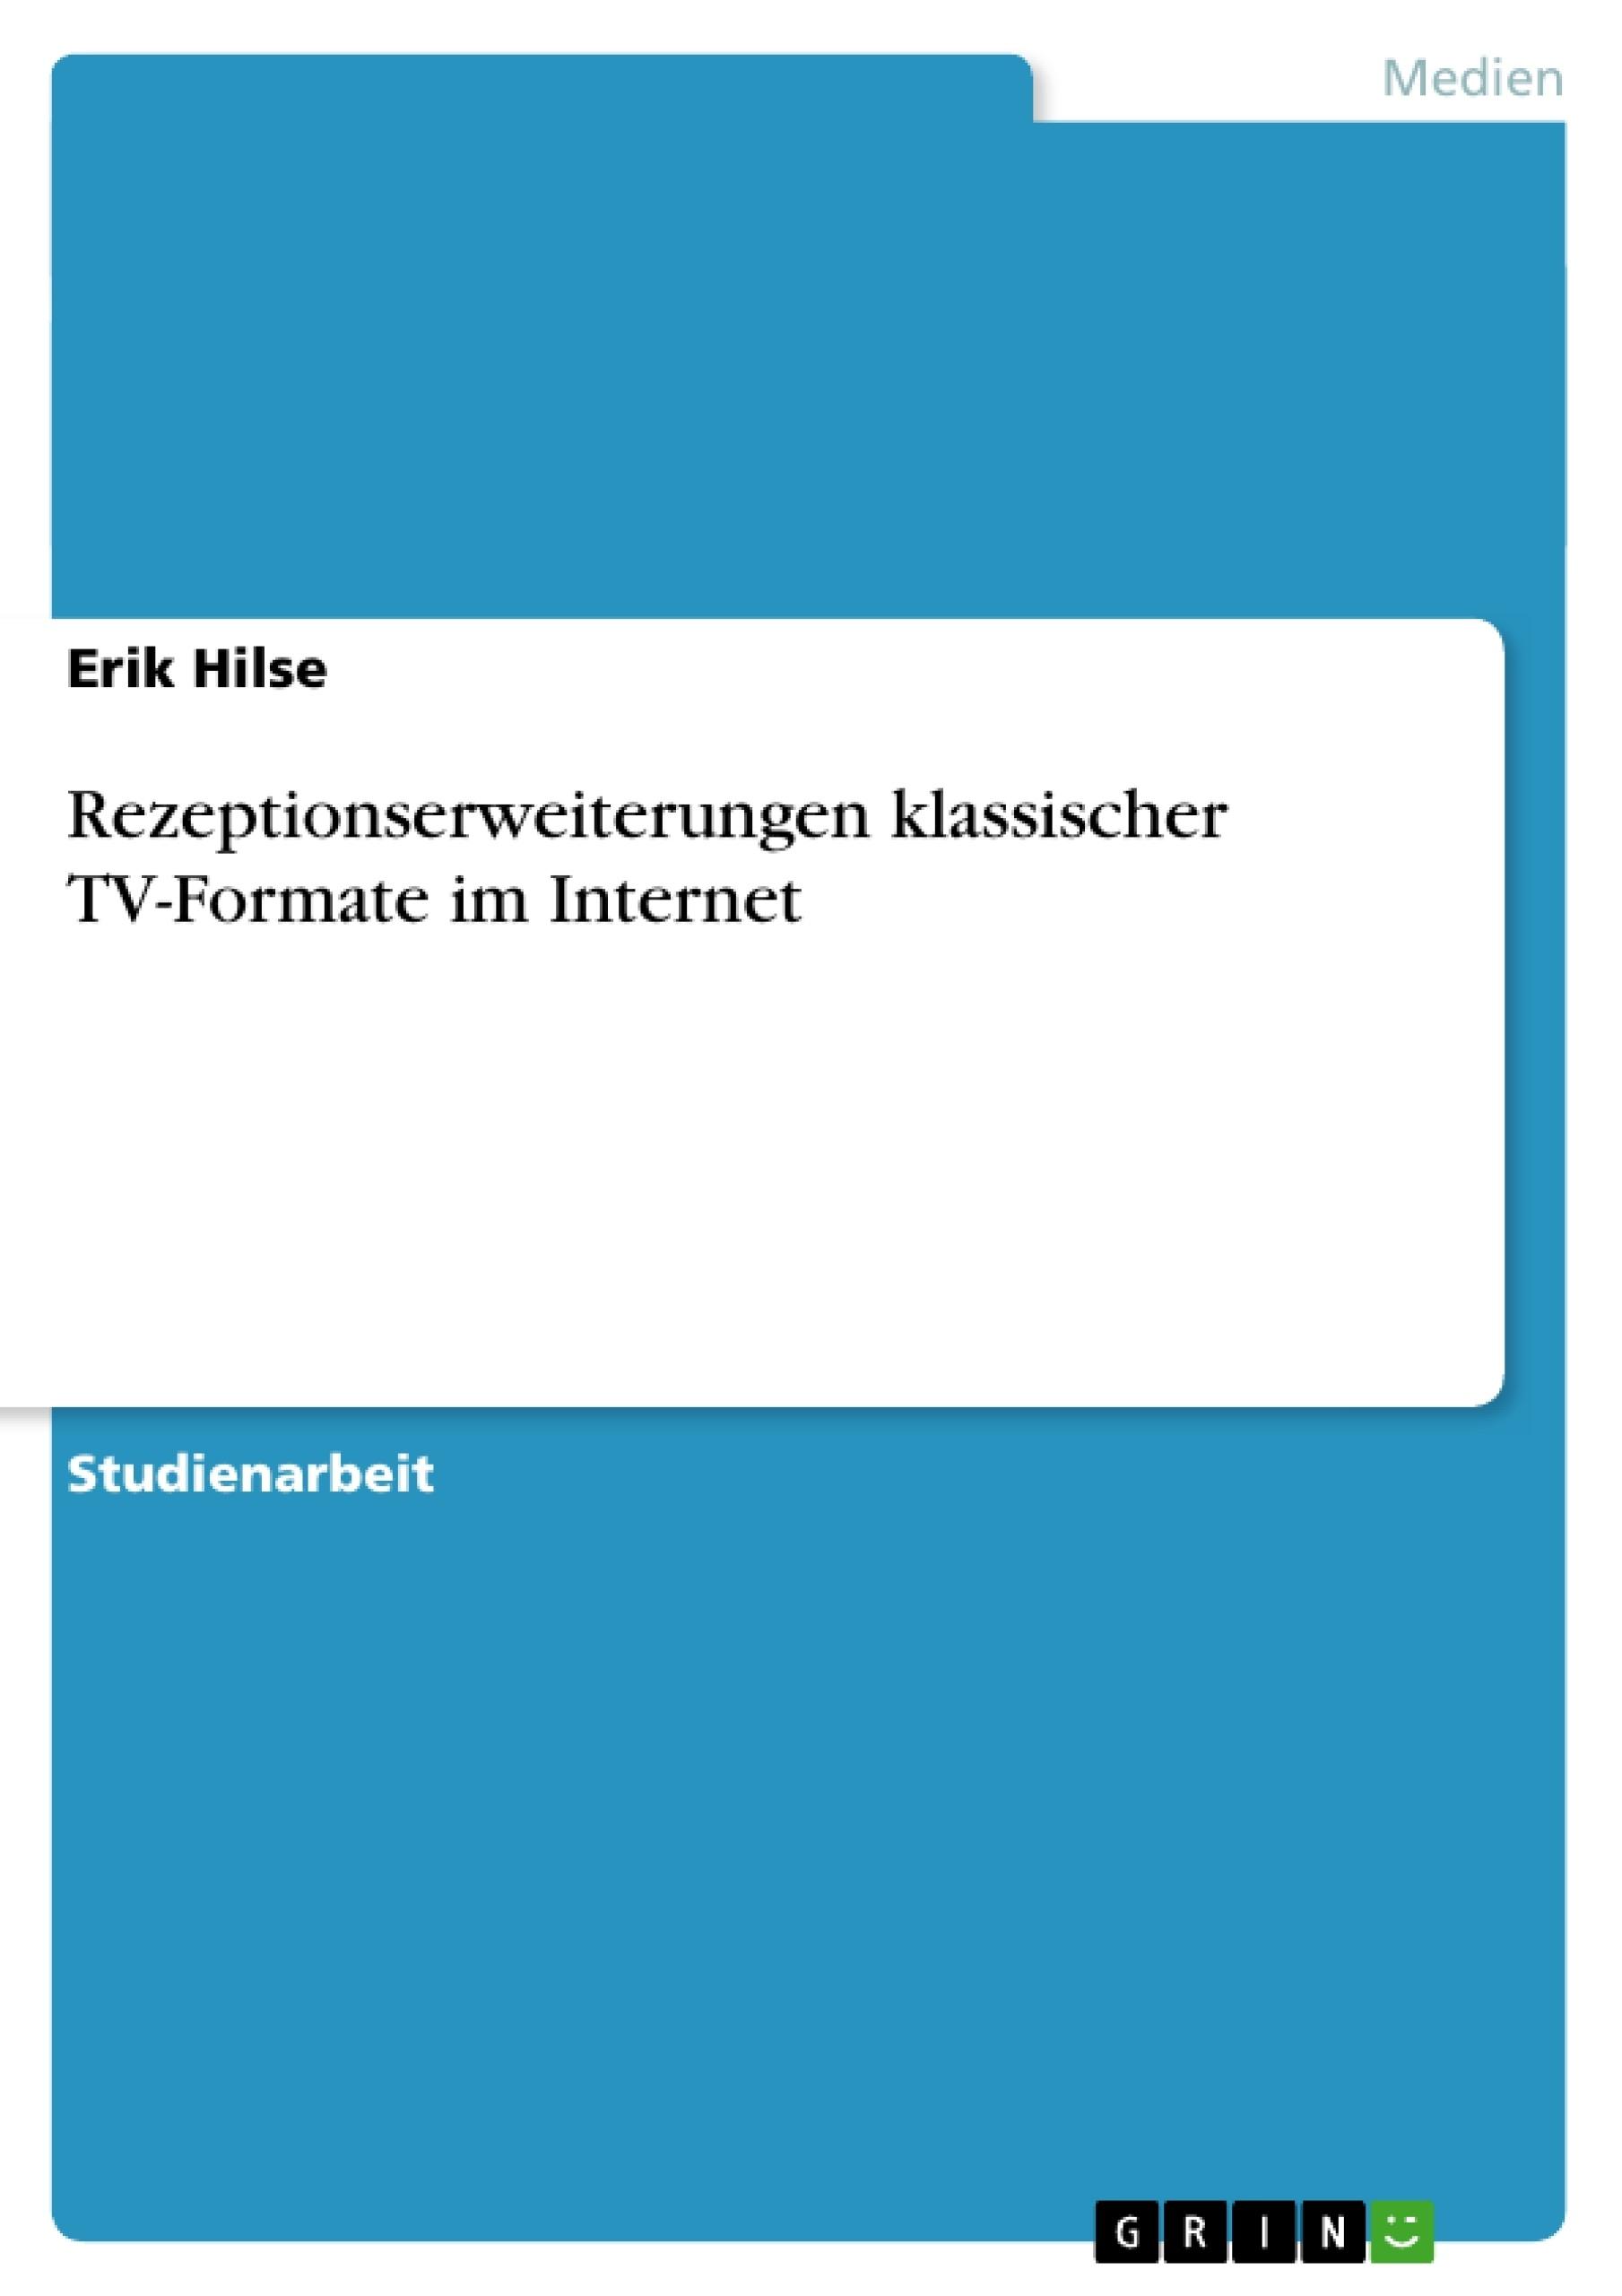 Titel: Rezeptionserweiterungen klassischer TV-Formate im Internet